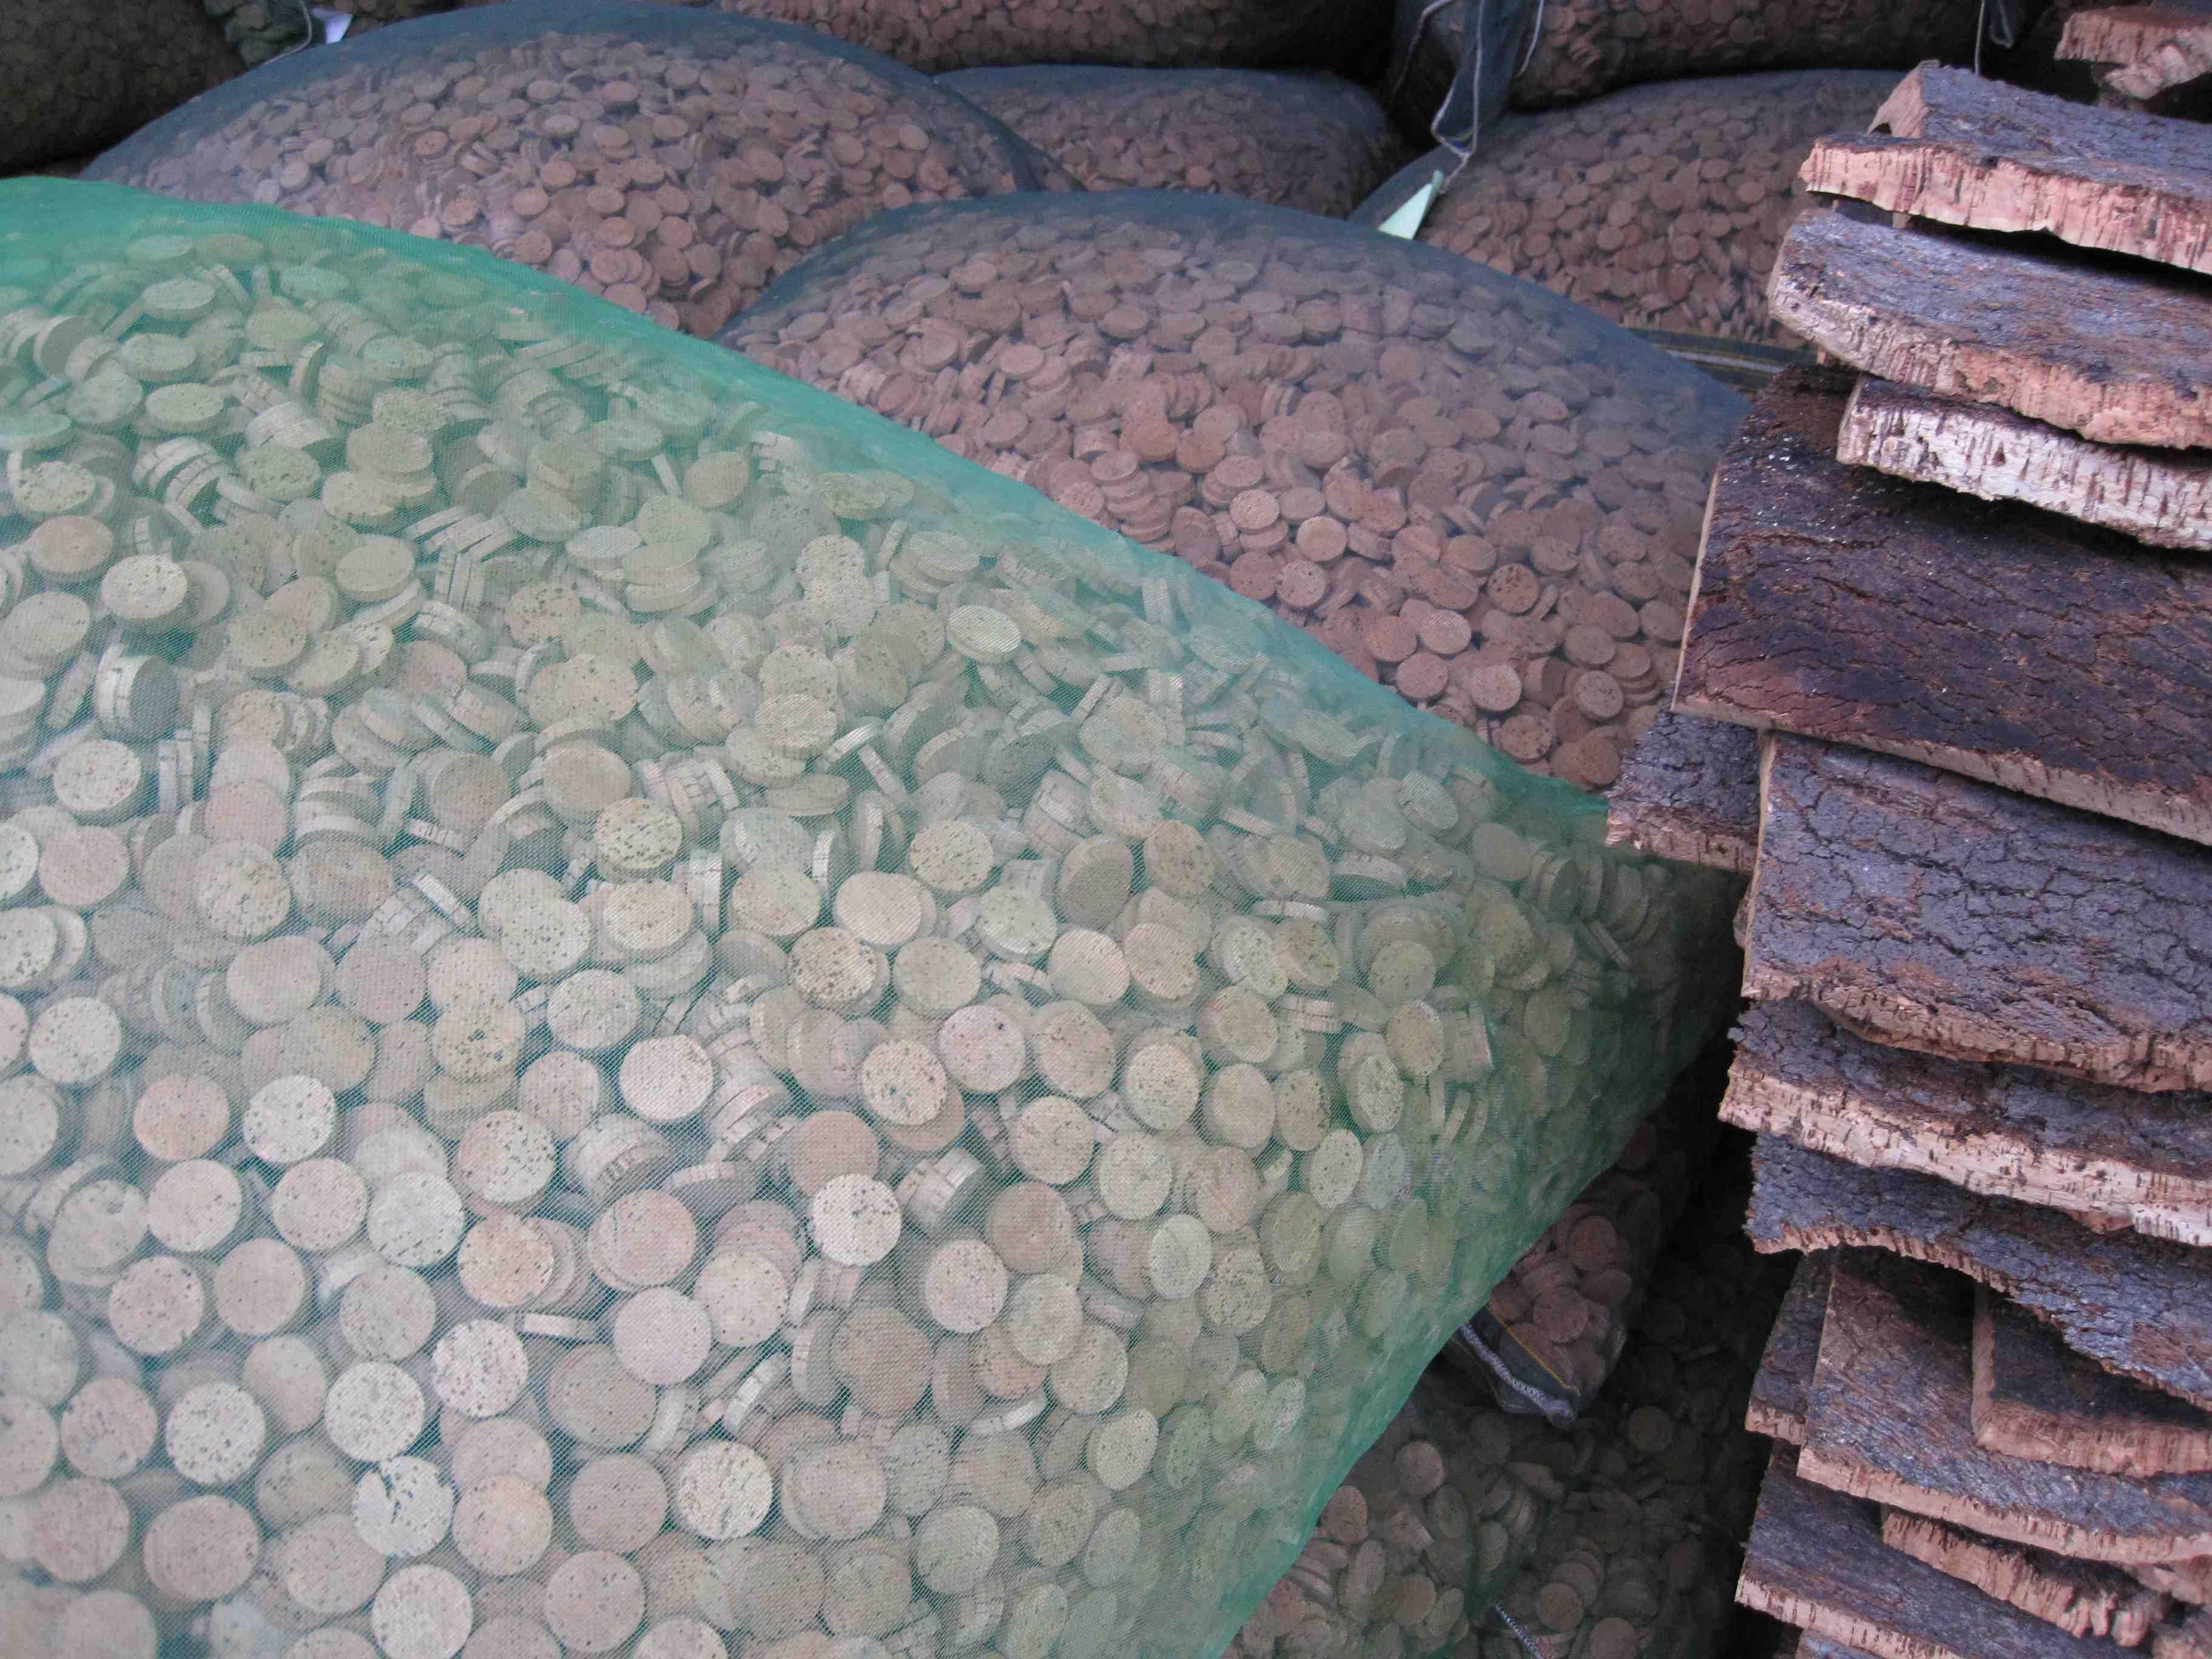 cork rings at Amurim cork factory in Ribatejo Portugal